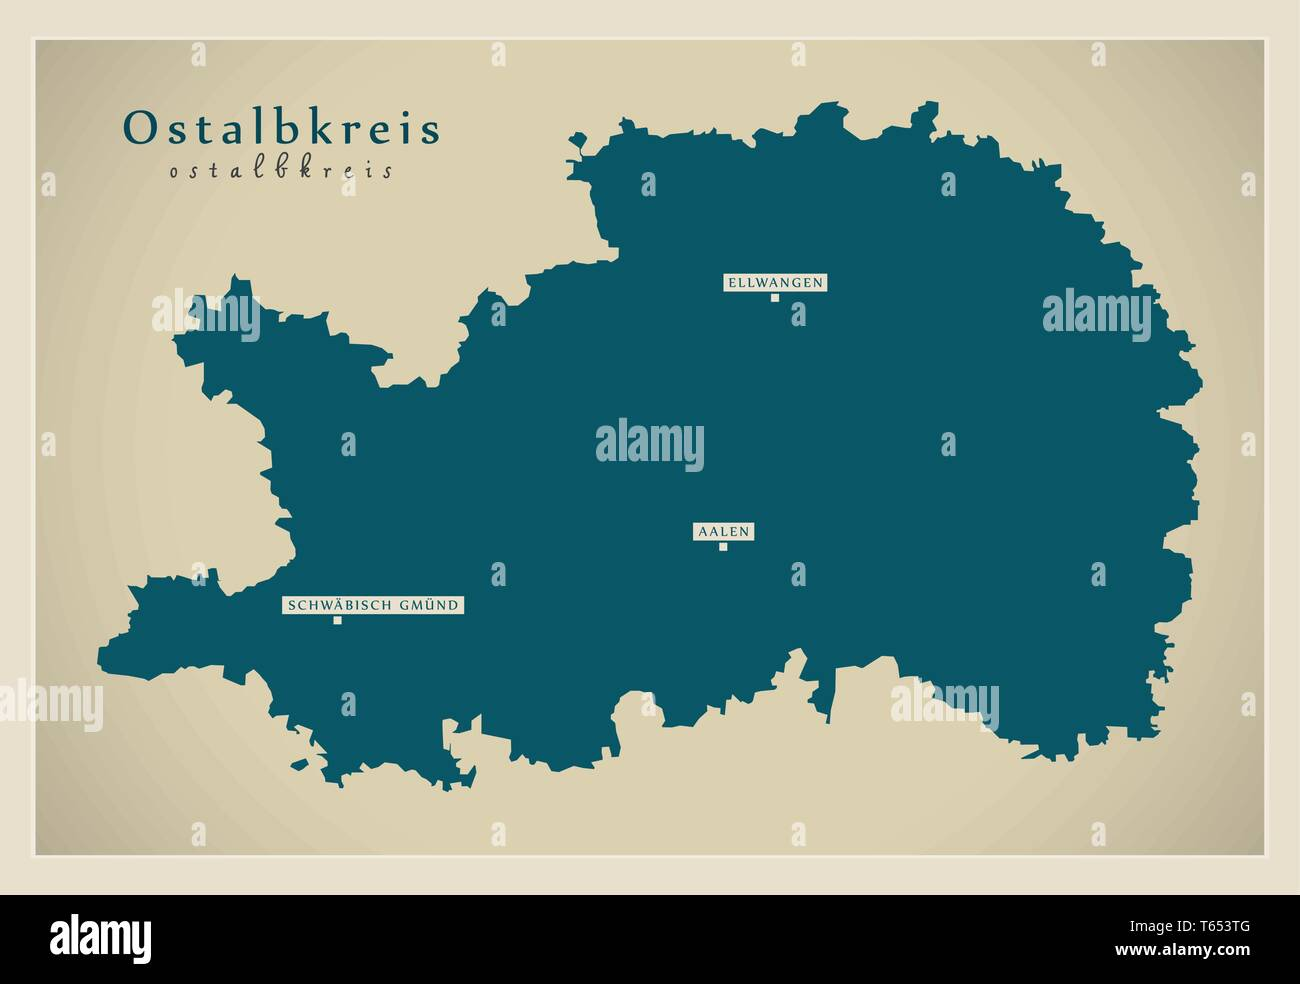 Ostalbkreis Karte.Moderne Karte Ostalbkreis Grafschaft Baden Württemberg De Vektor